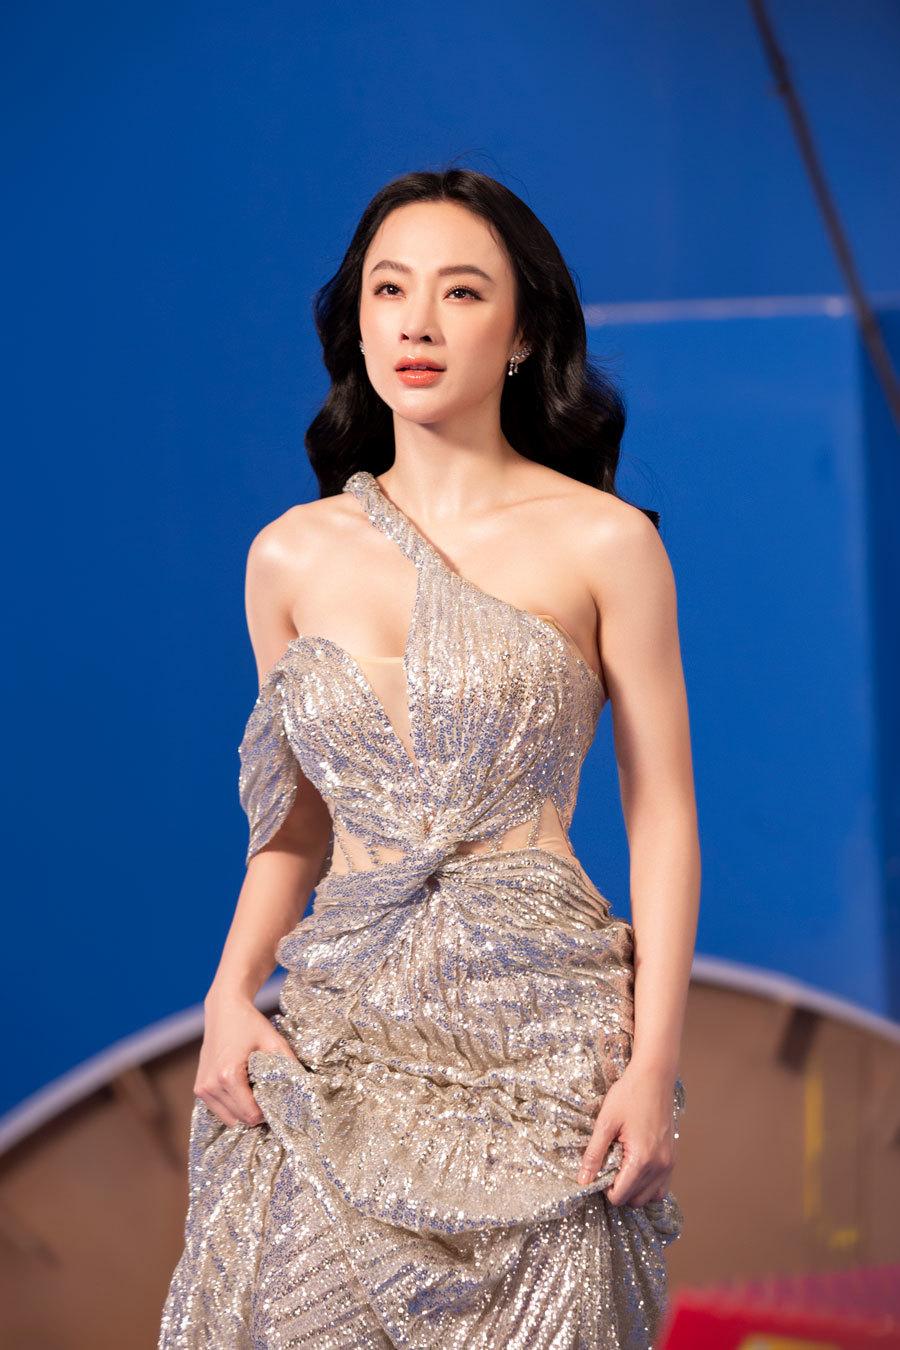 Trên trang cá nhân, Angela Phương Trinh đăng loạt ảnh kèm ghi chú: 'Hãy tỏa ánh hào quang như một nữ thần, bởi nơi đó sẽ tràn ngập ánh sáng với ánh nhìn đối diện khi bạn bước đến'.